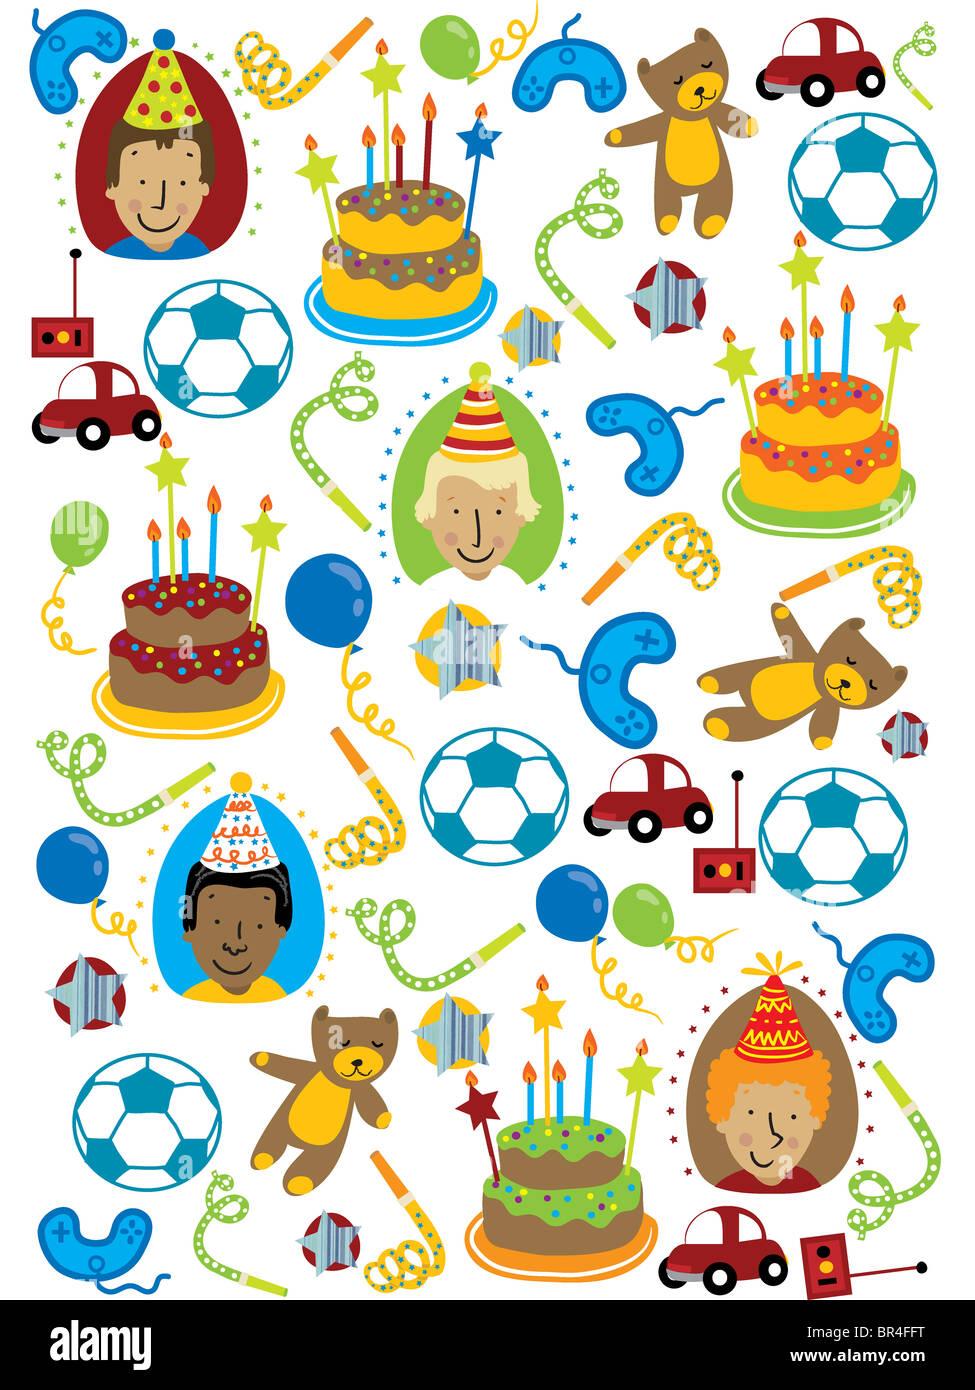 Geburtstagsbilder Junge